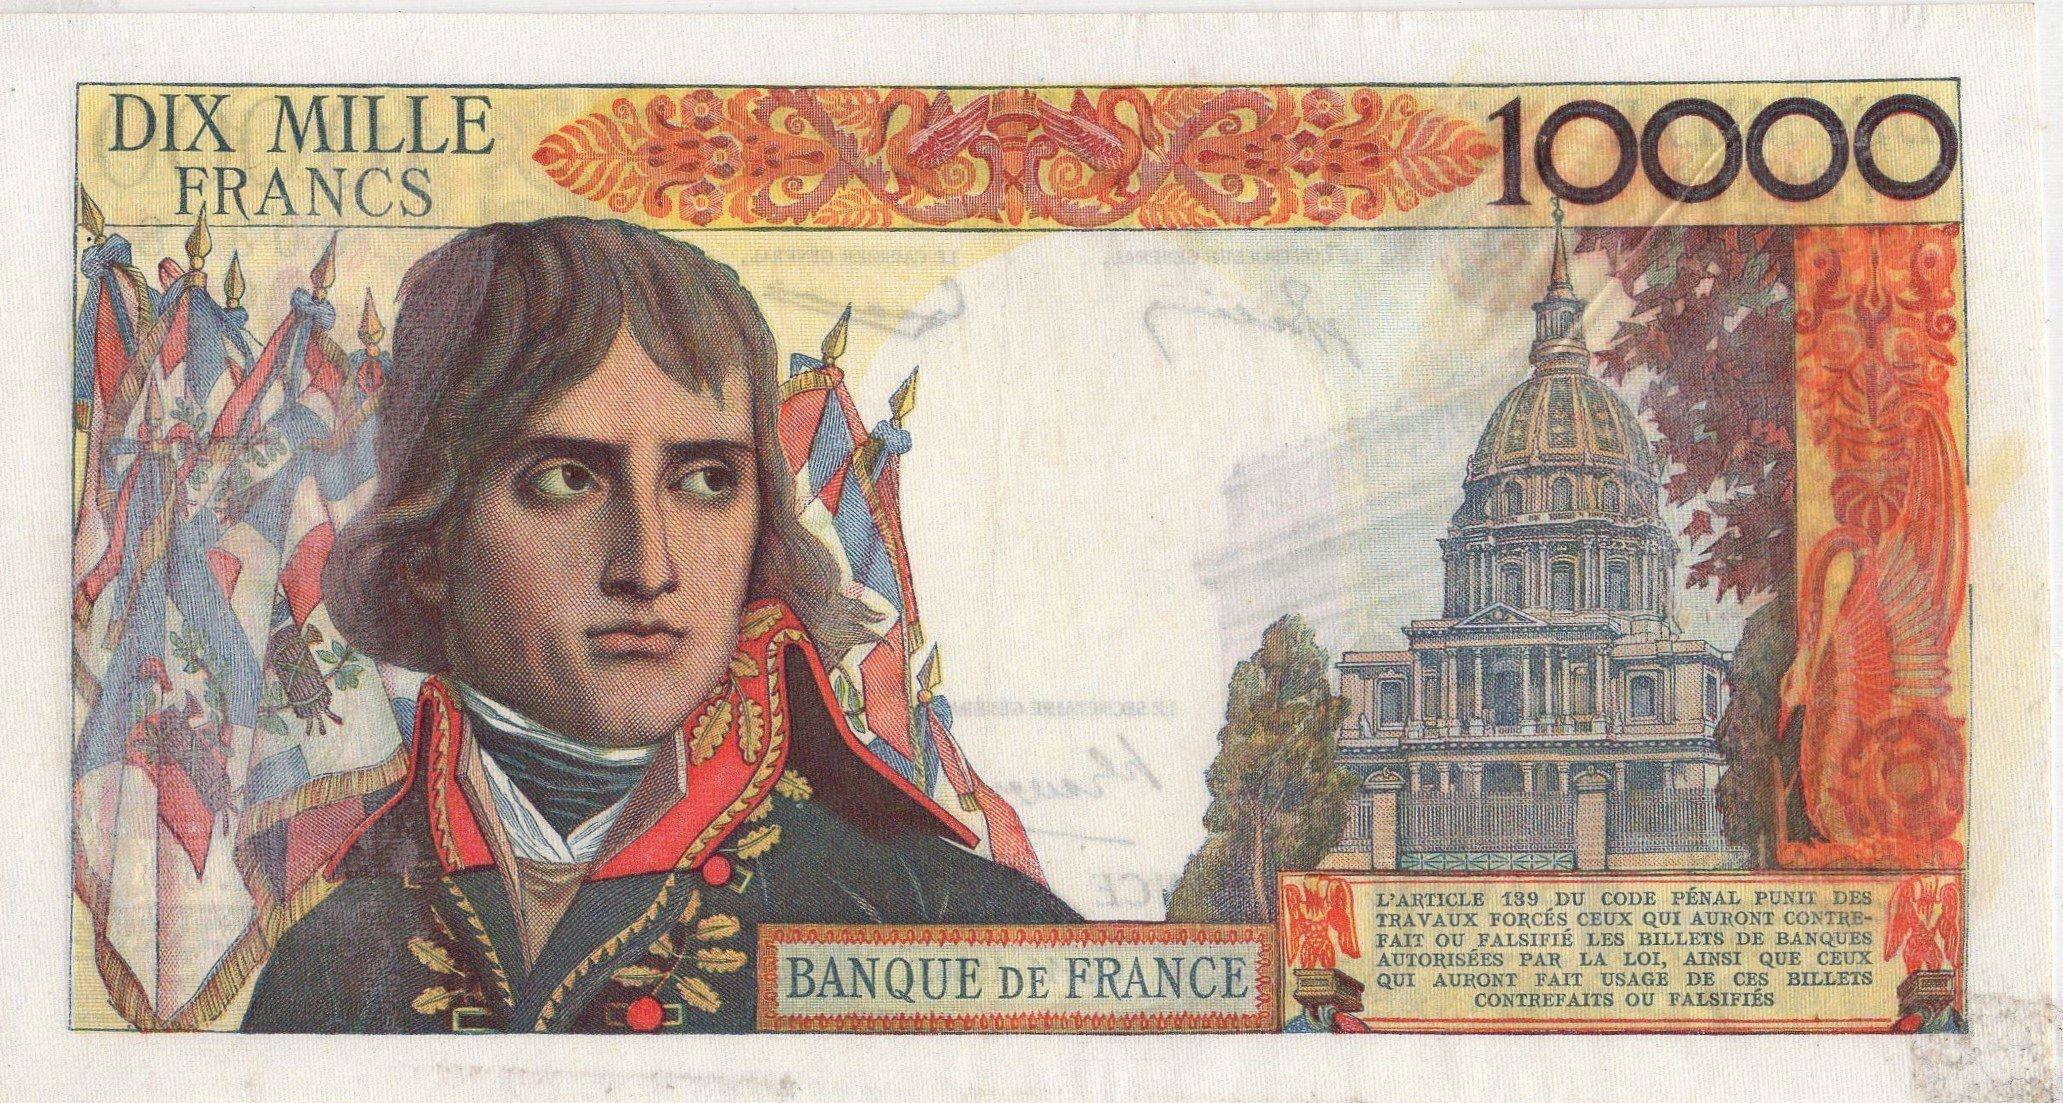 france 10000 francs back